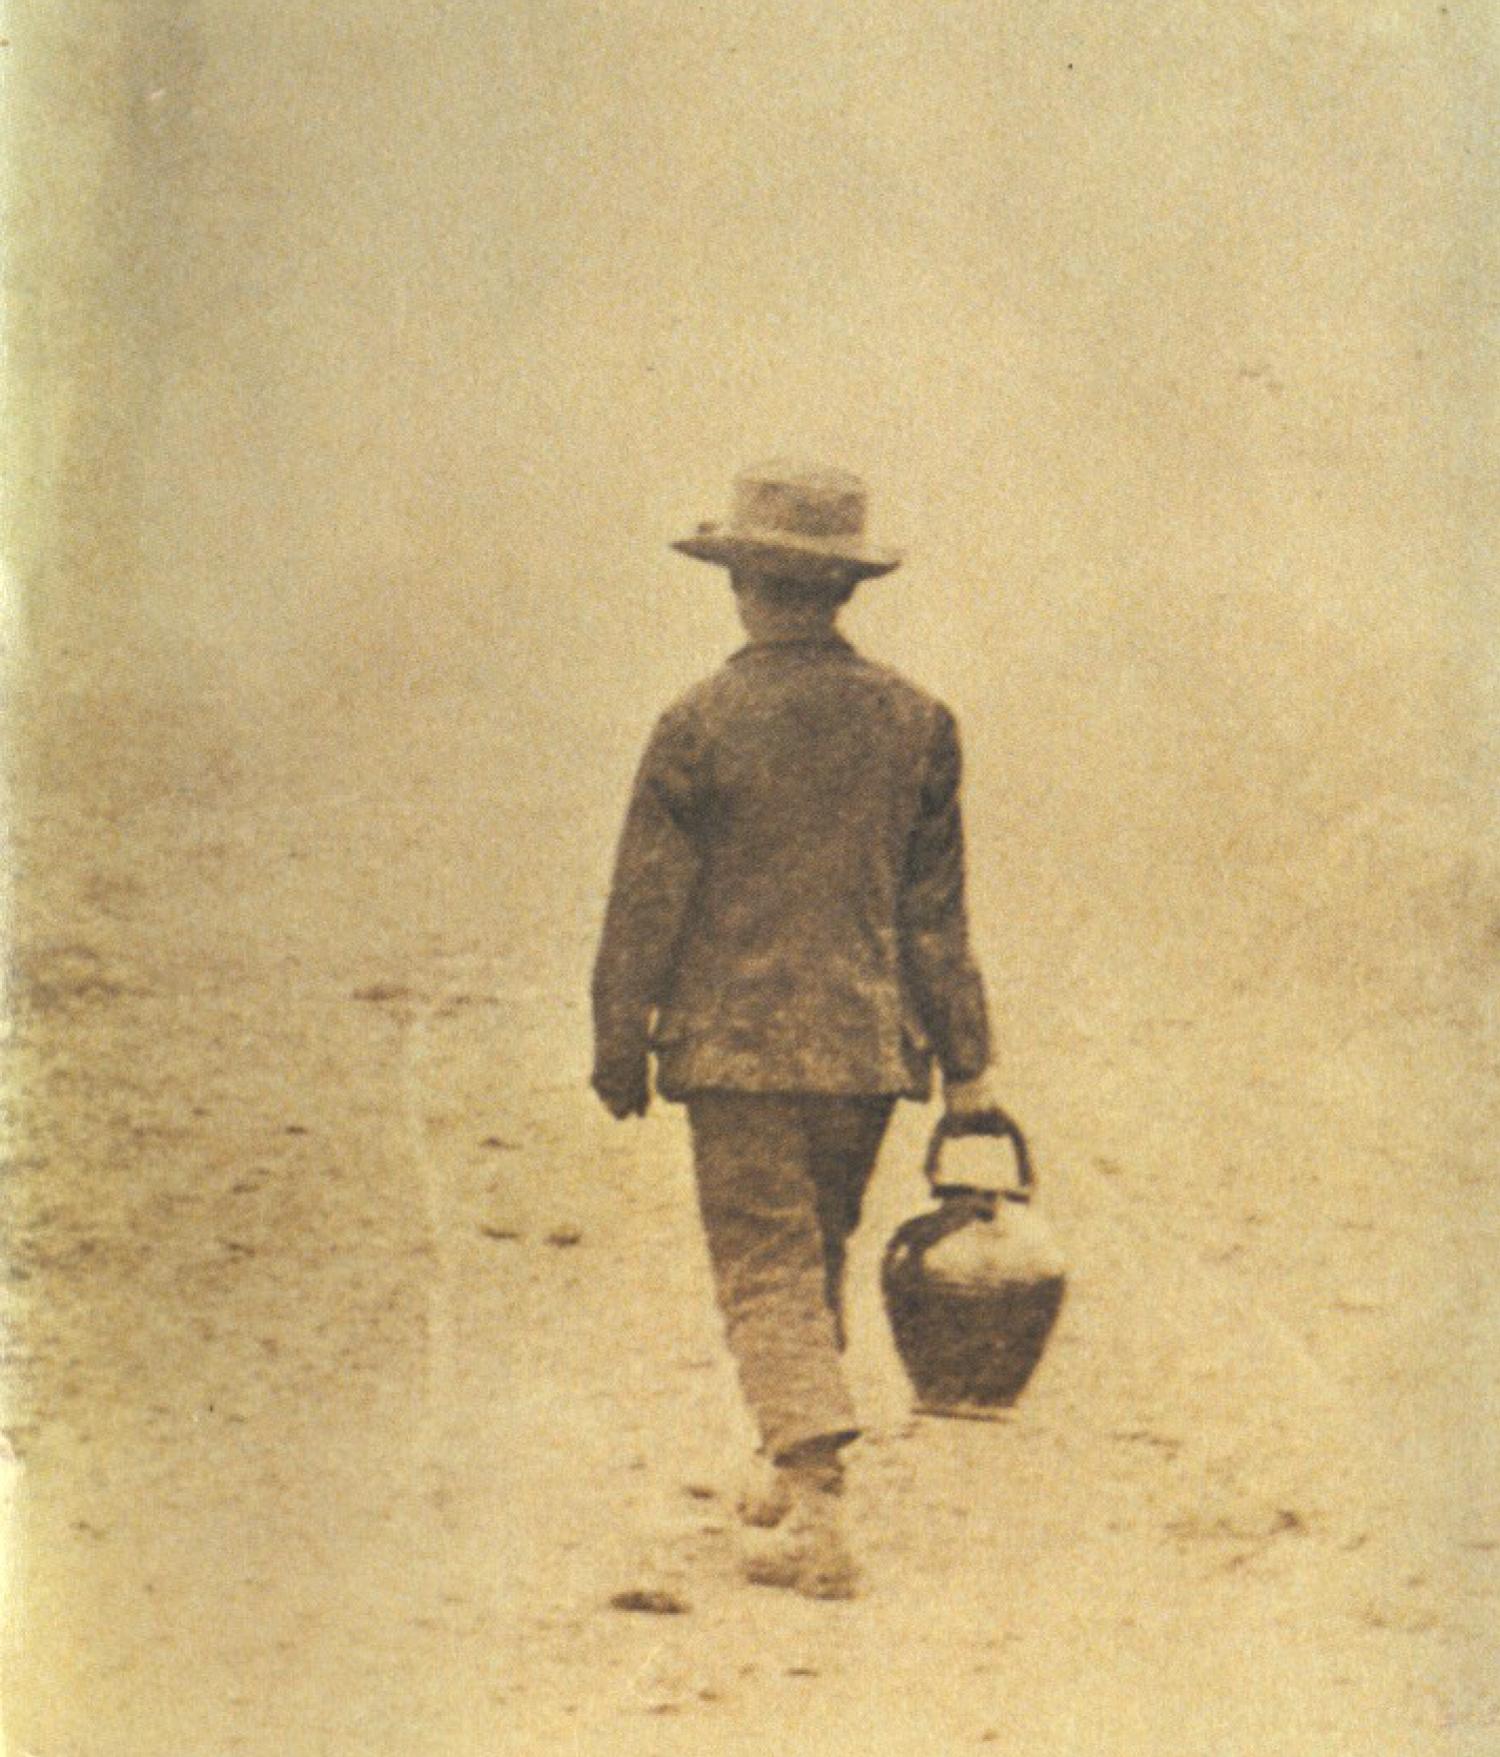 Ein Knabe um die Jahrhundertwende unterwegs. Eine alte Fotografie